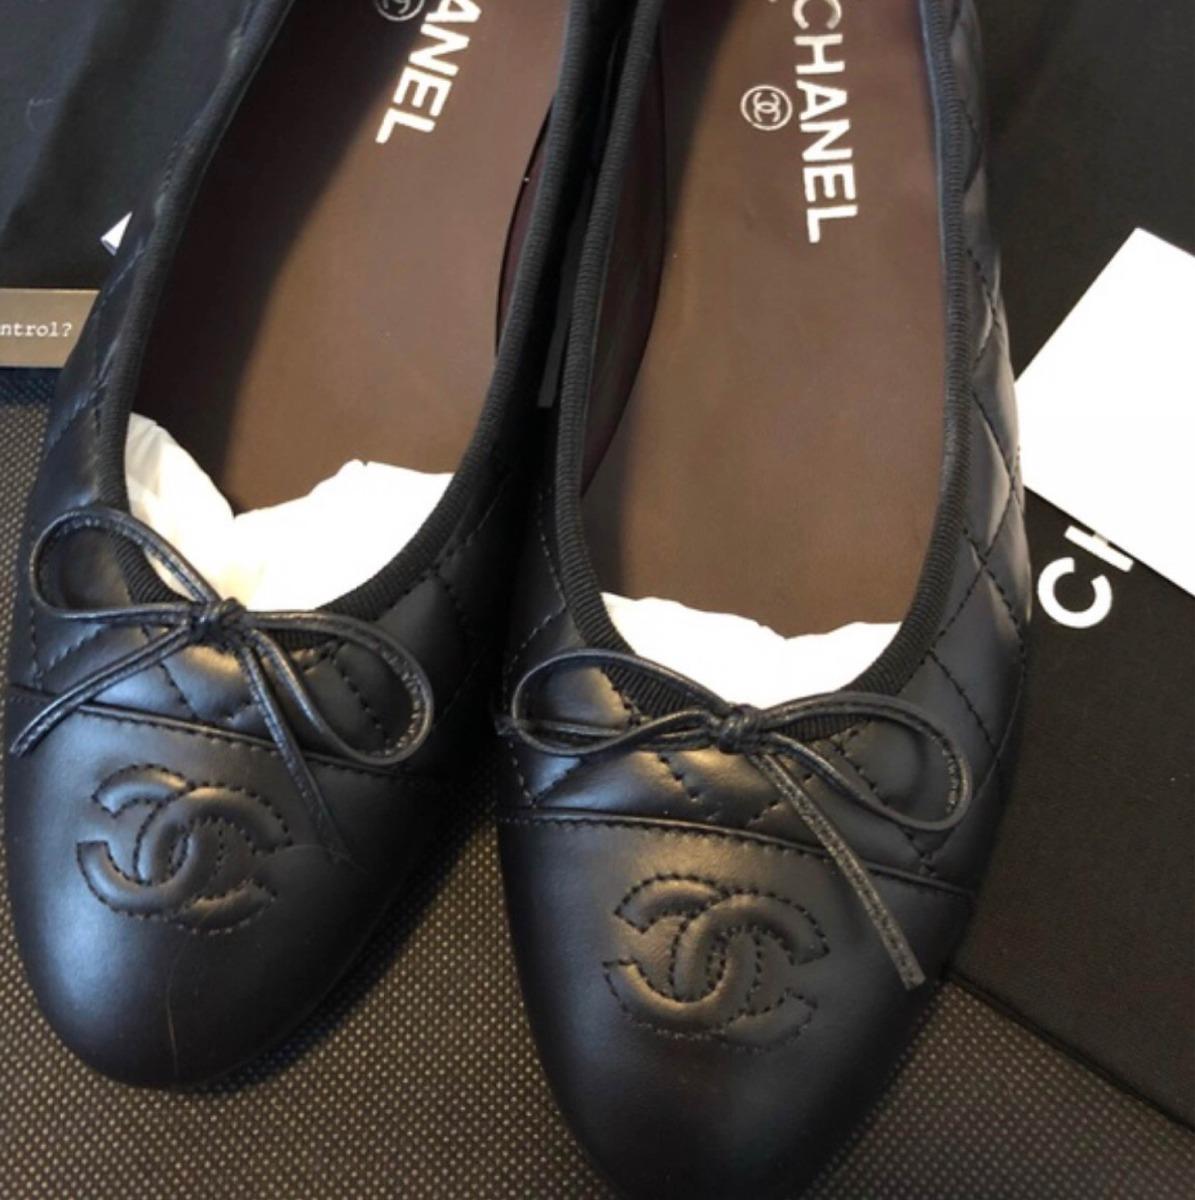 e45d80513 Sapatilha Chanel Preta Em Couro - R$ 800,00 em Mercado Livre